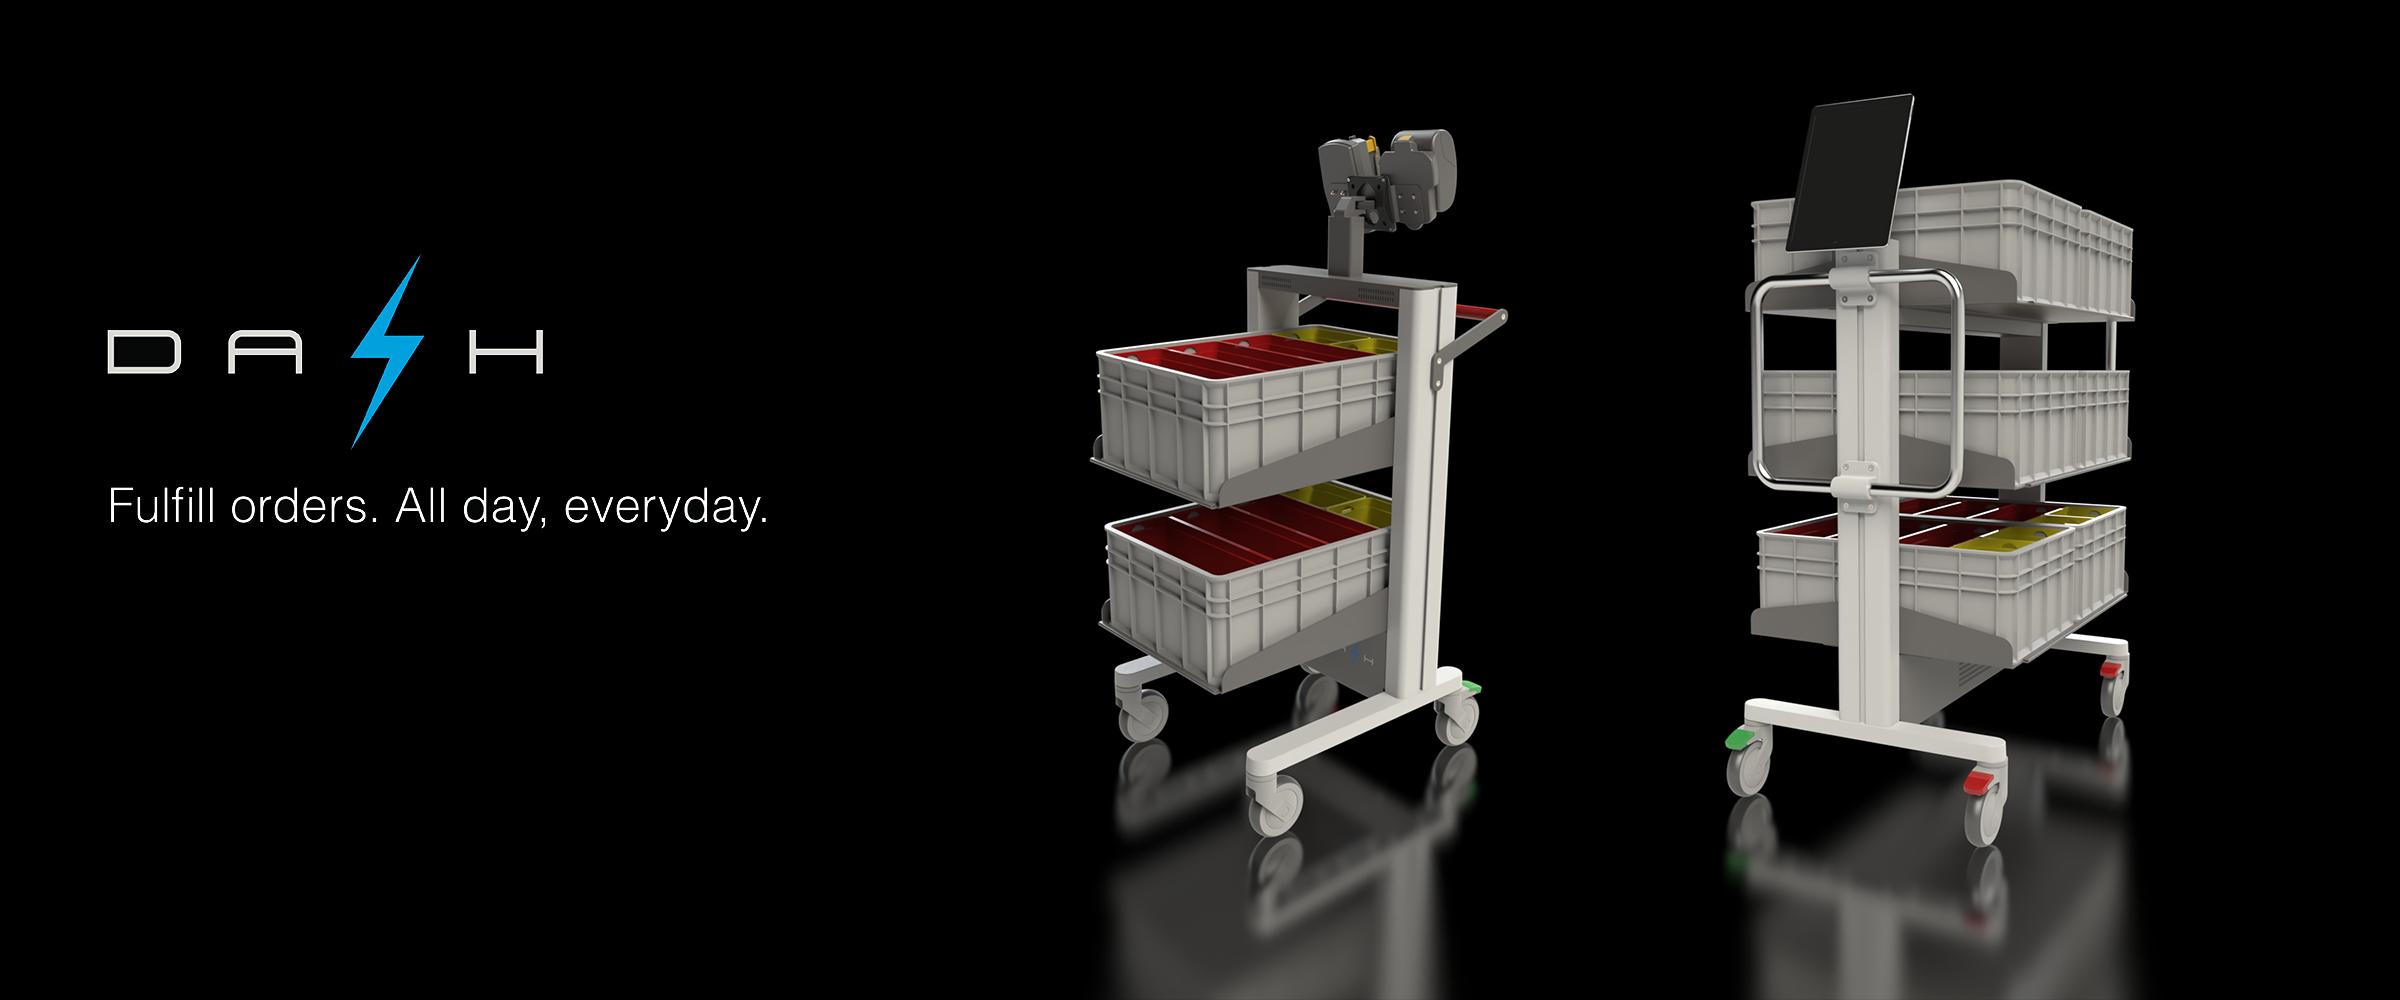 order-picking-cart-fulfillment-cart